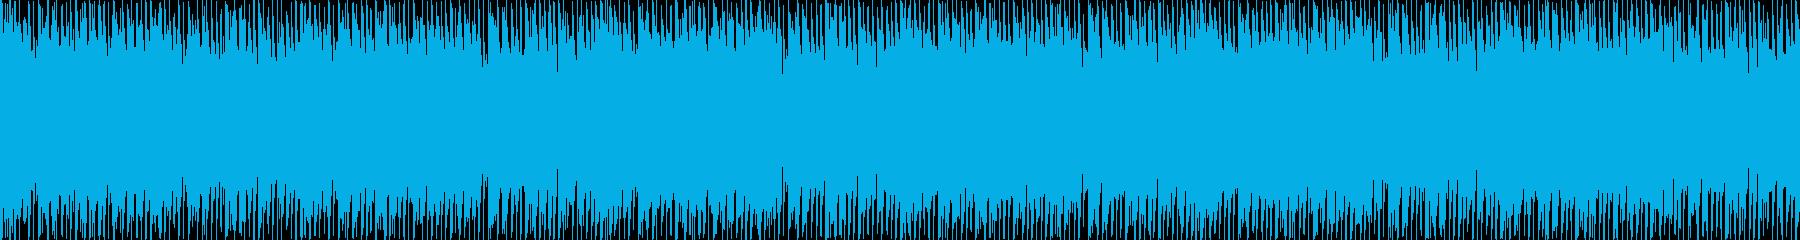 リズミックなポップBGM(ループ)の再生済みの波形